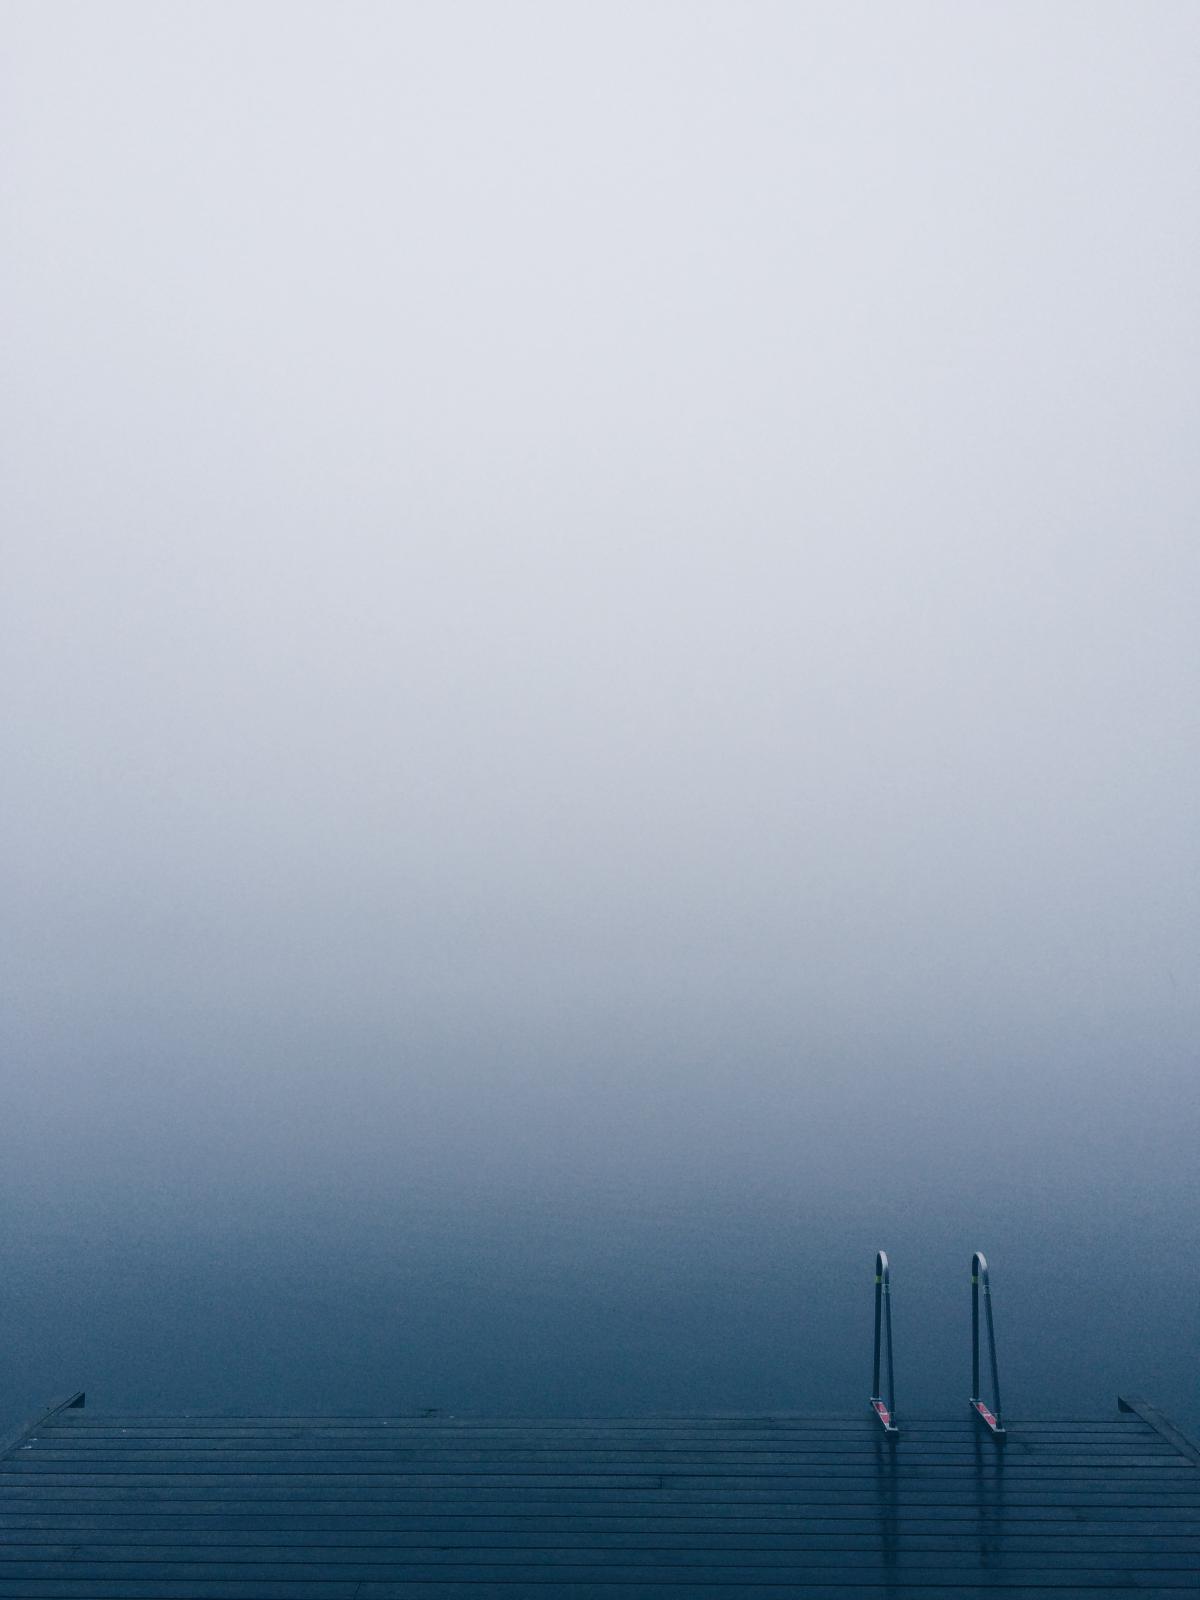 Météo Sky Clouds #12407